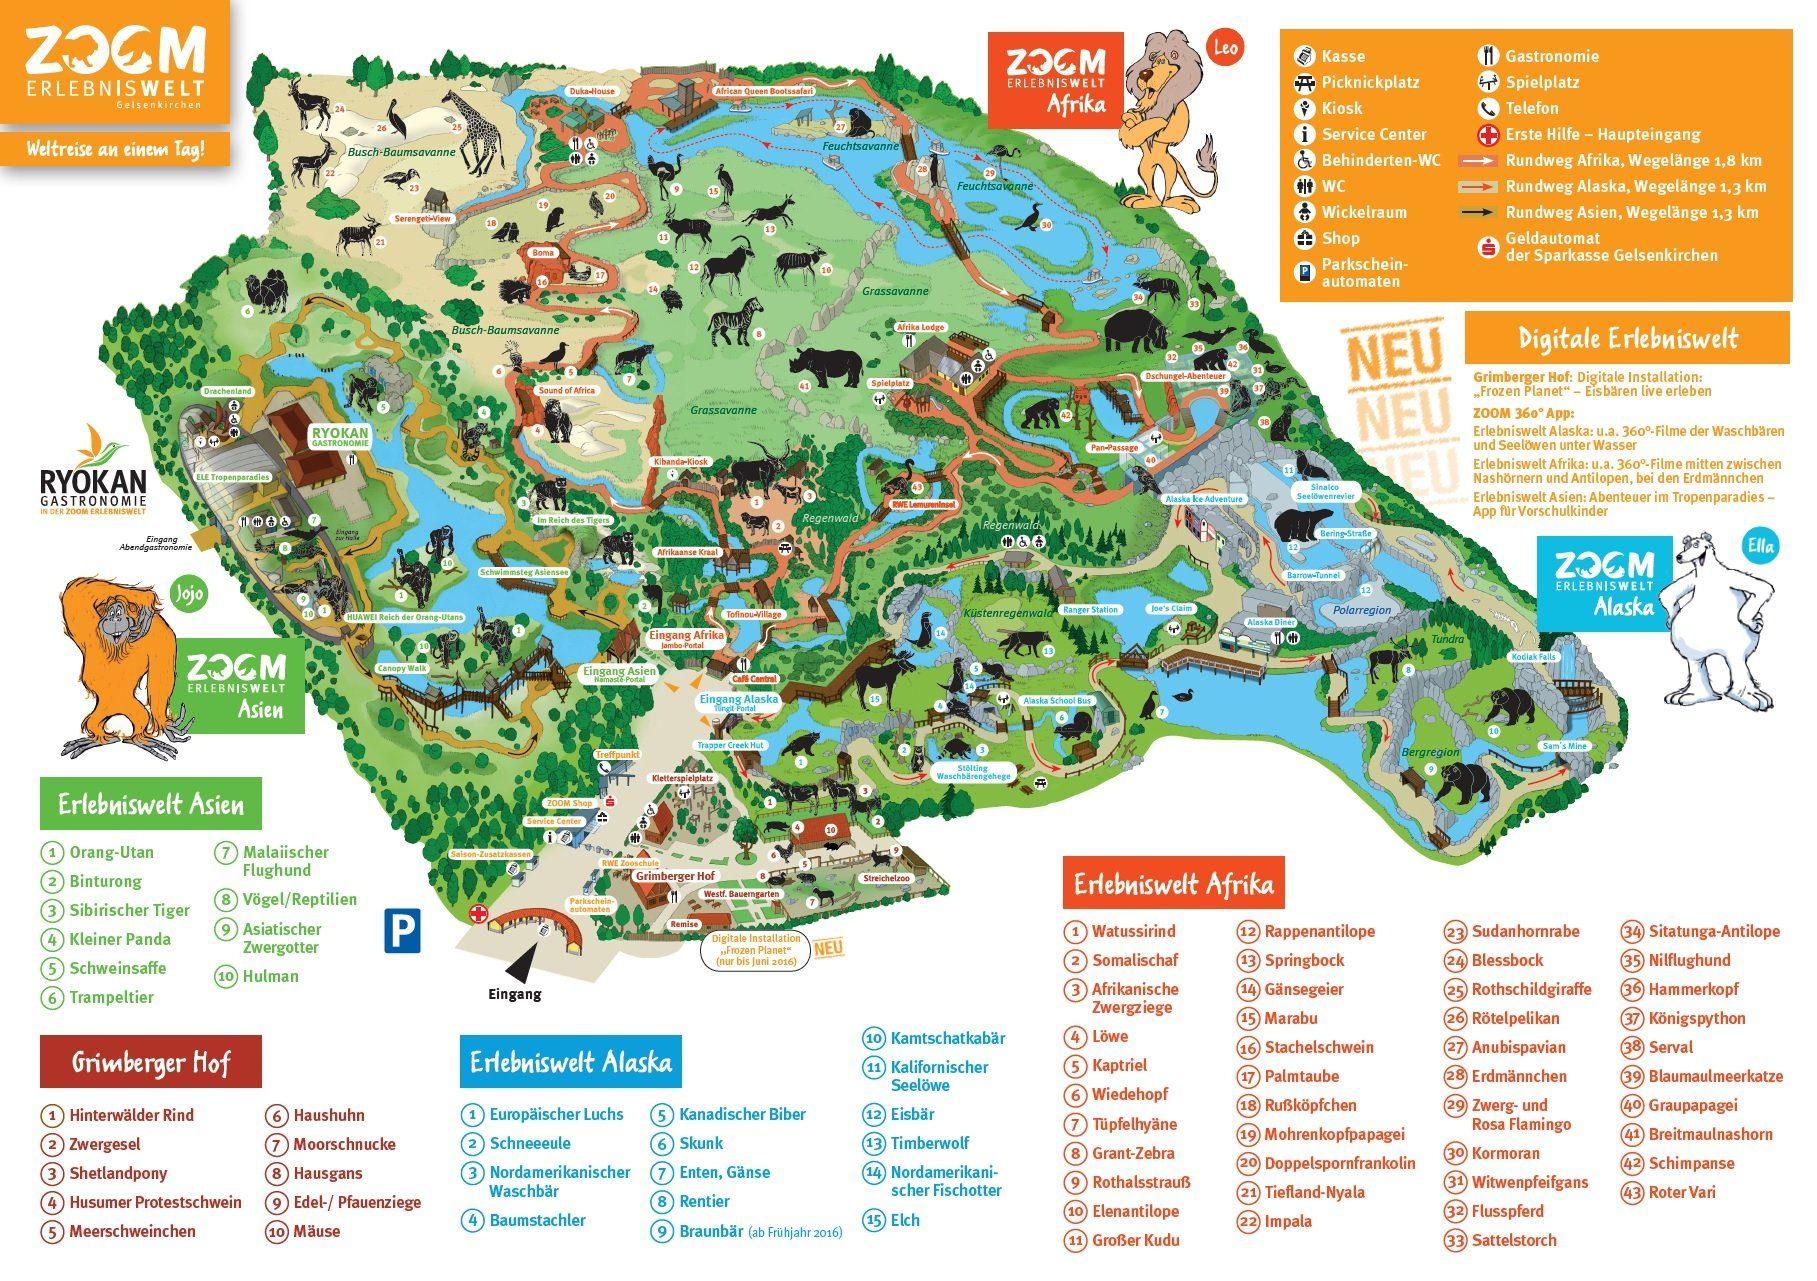 Parkplan ZOOM Erlebniswelt